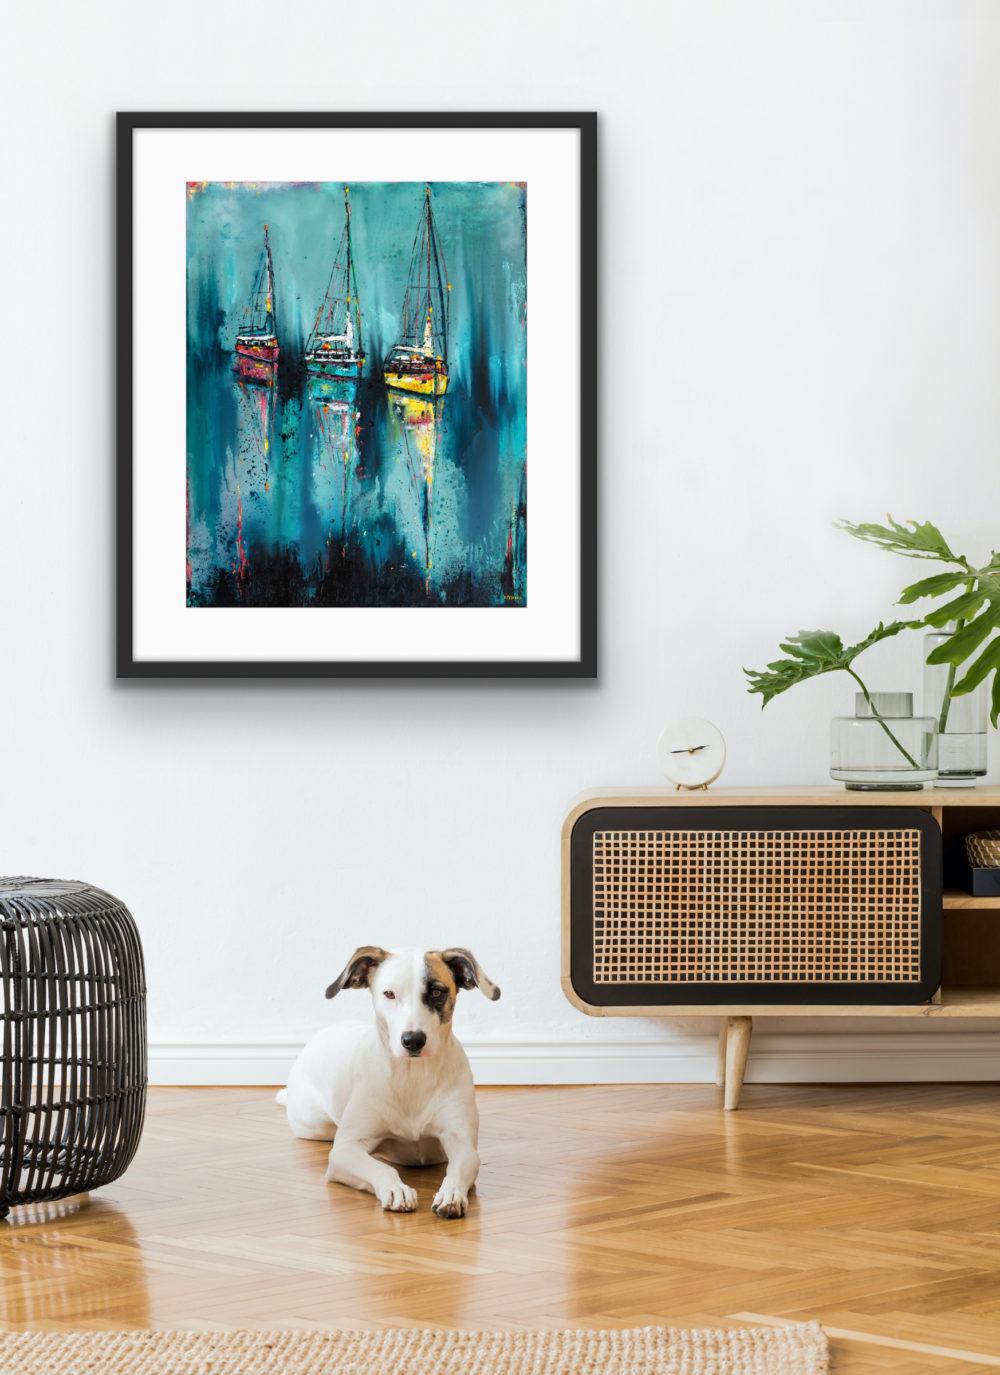 Kinsale Boats - In Room